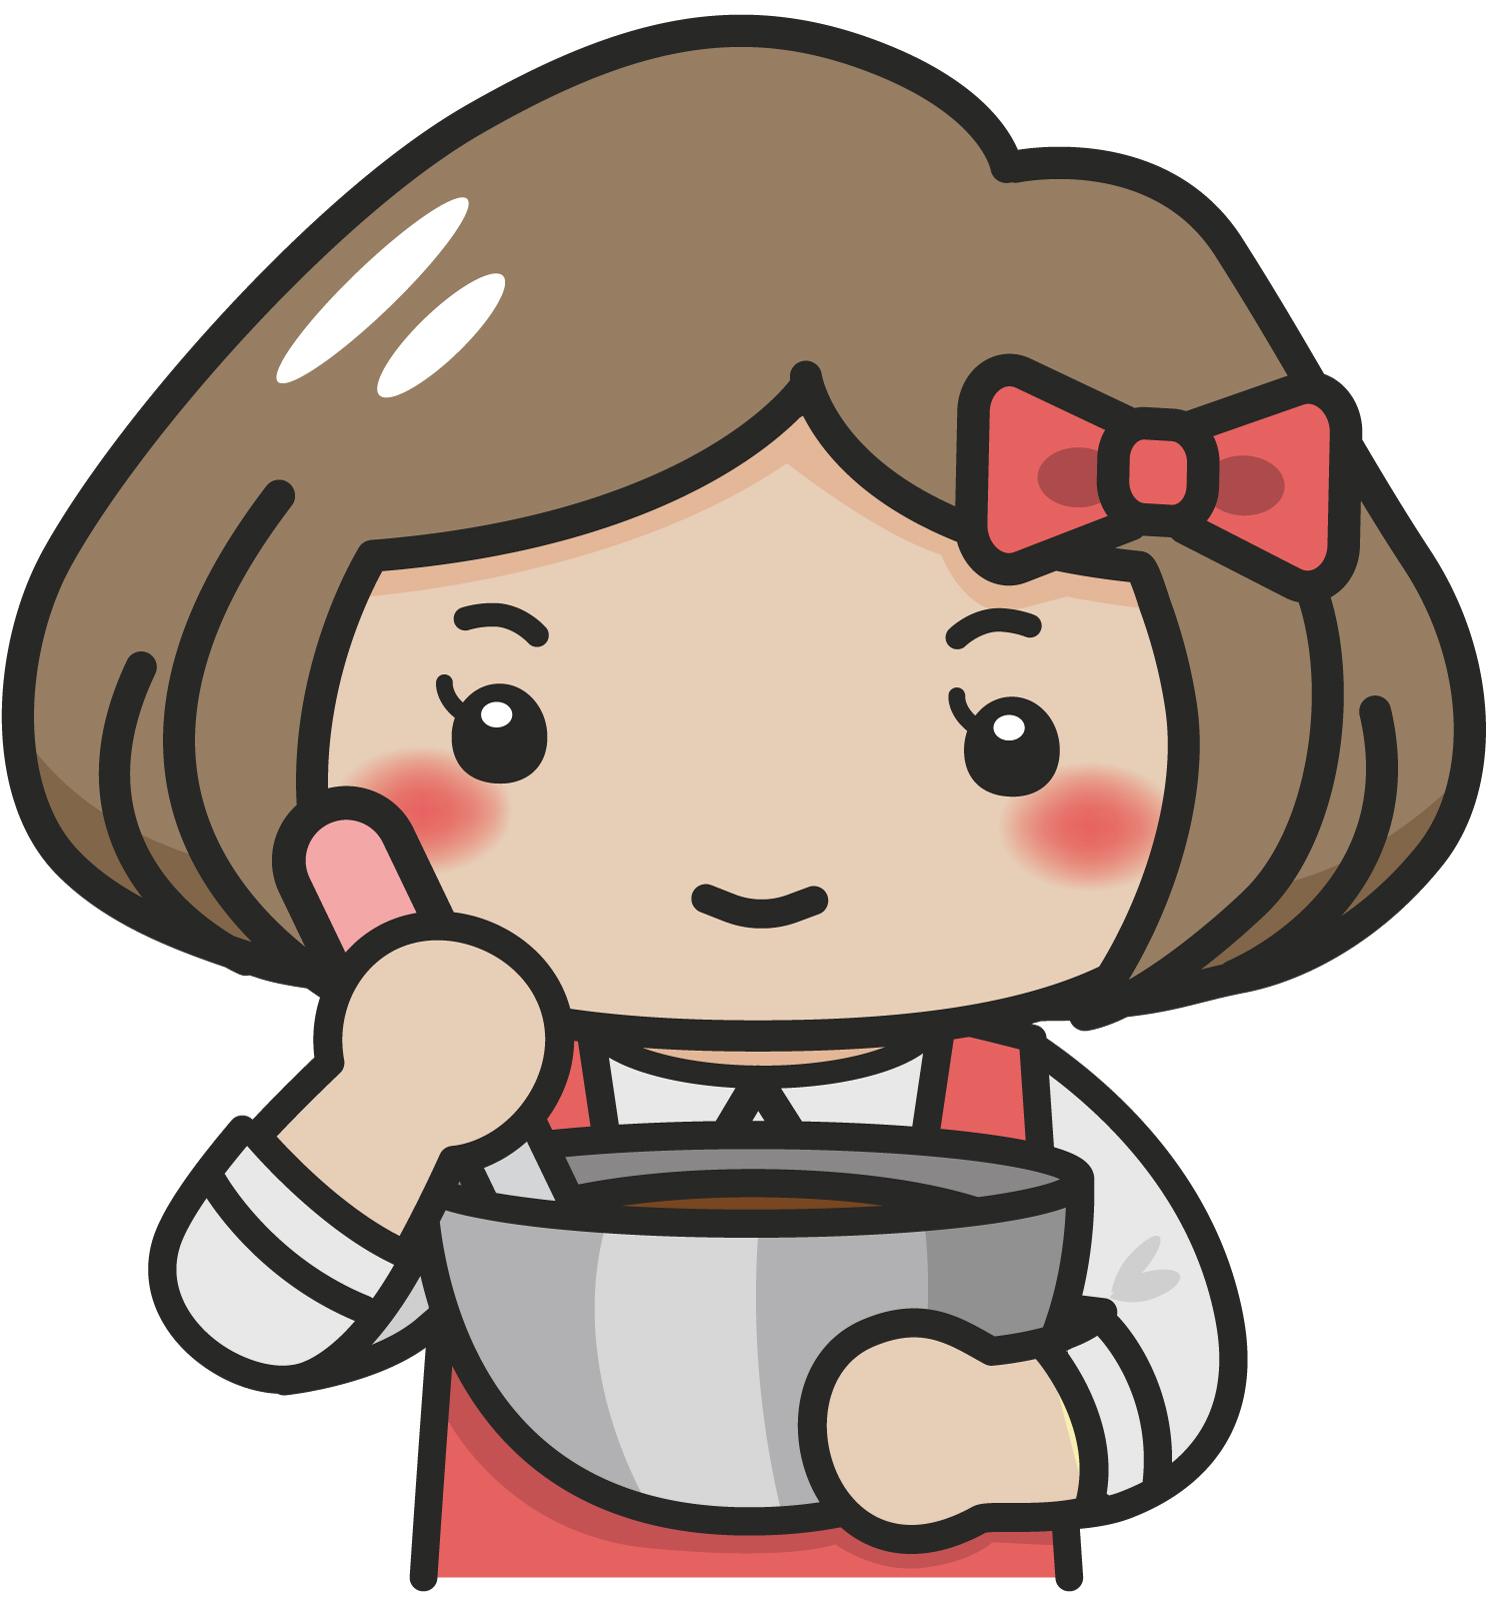 バレンタインに子供が作る簡単レシピは?手作りで失敗しない為には?チョコの賞味期限は?